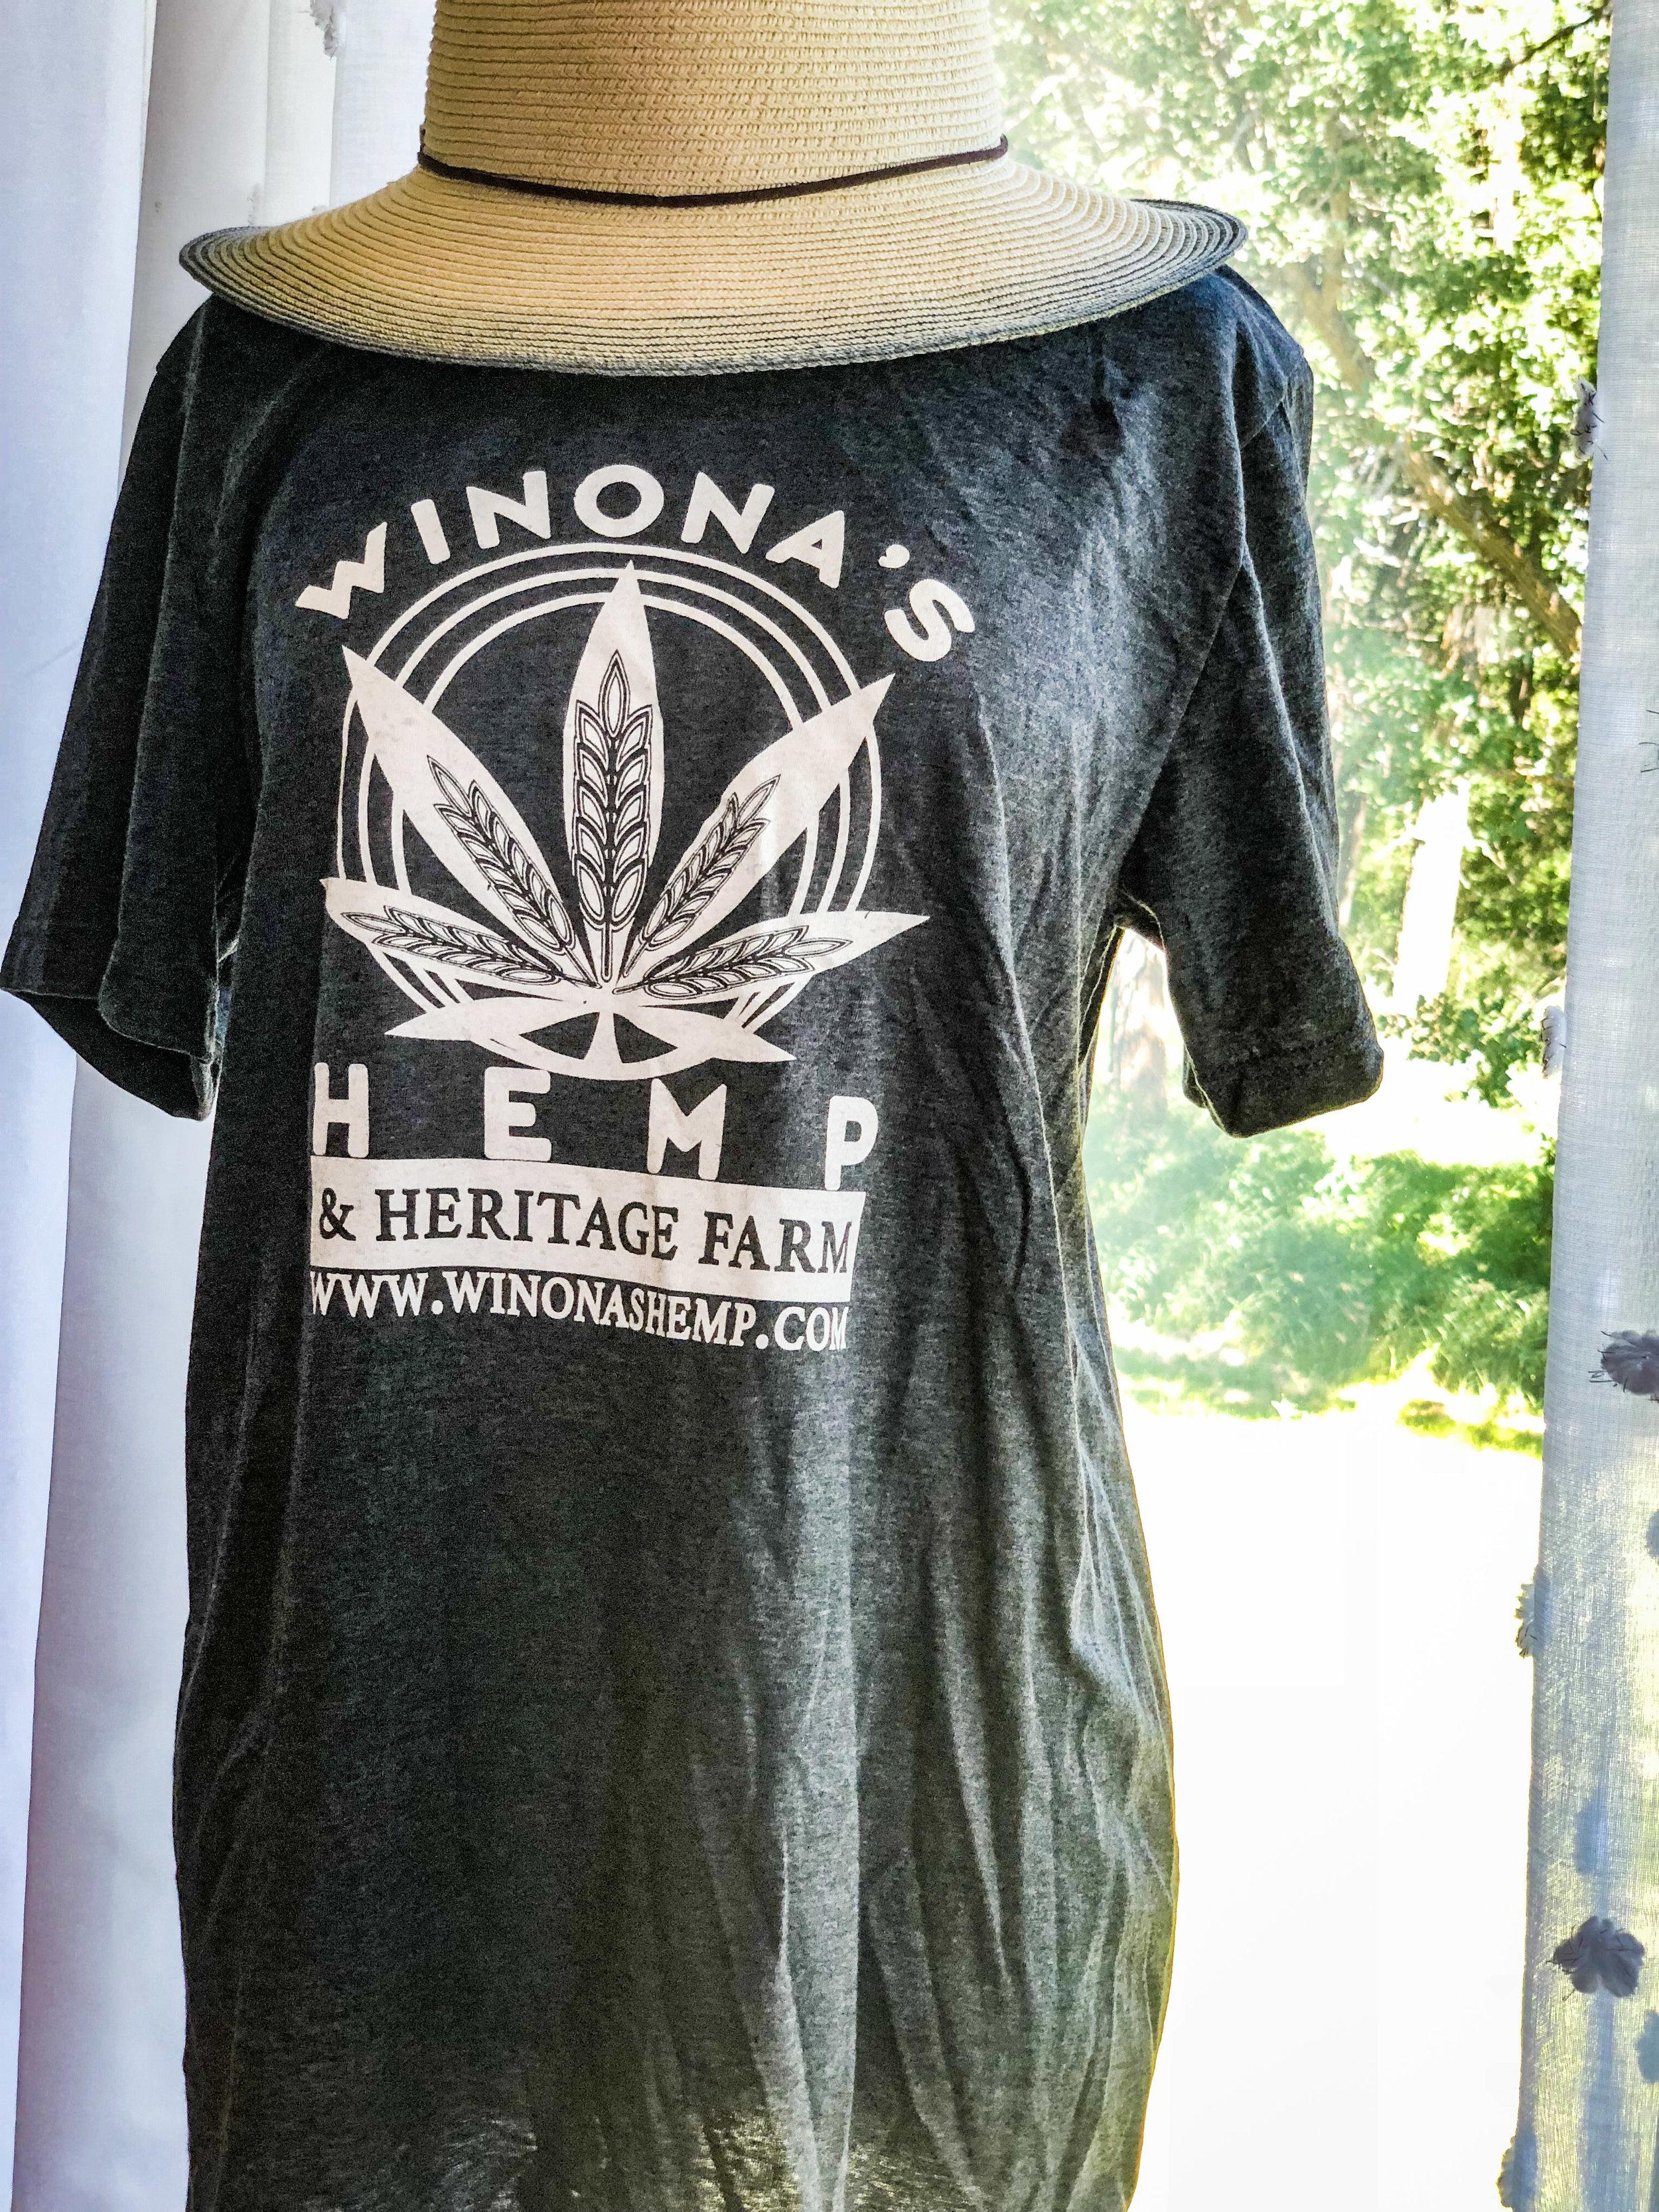 Winona S Hemp Grey Tshirt Winona S Hemp Heritage Farm